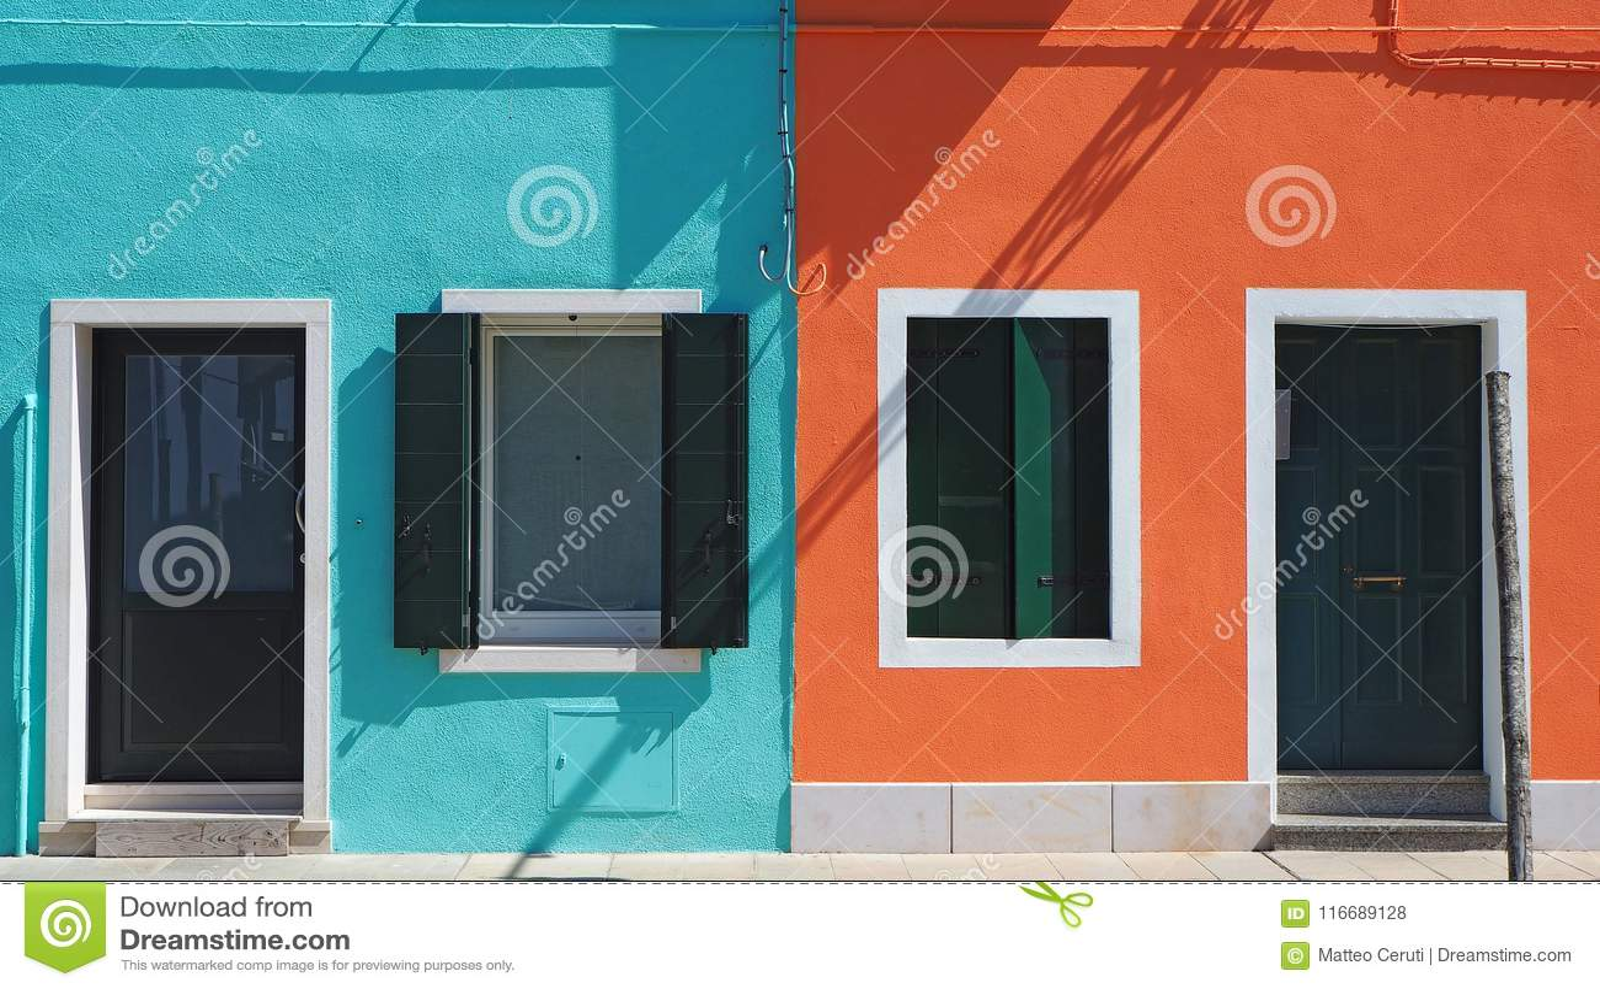 Burano, Venezia, Italien Details der Fenster und der Türen der bunten Häuser in Burano-Insel